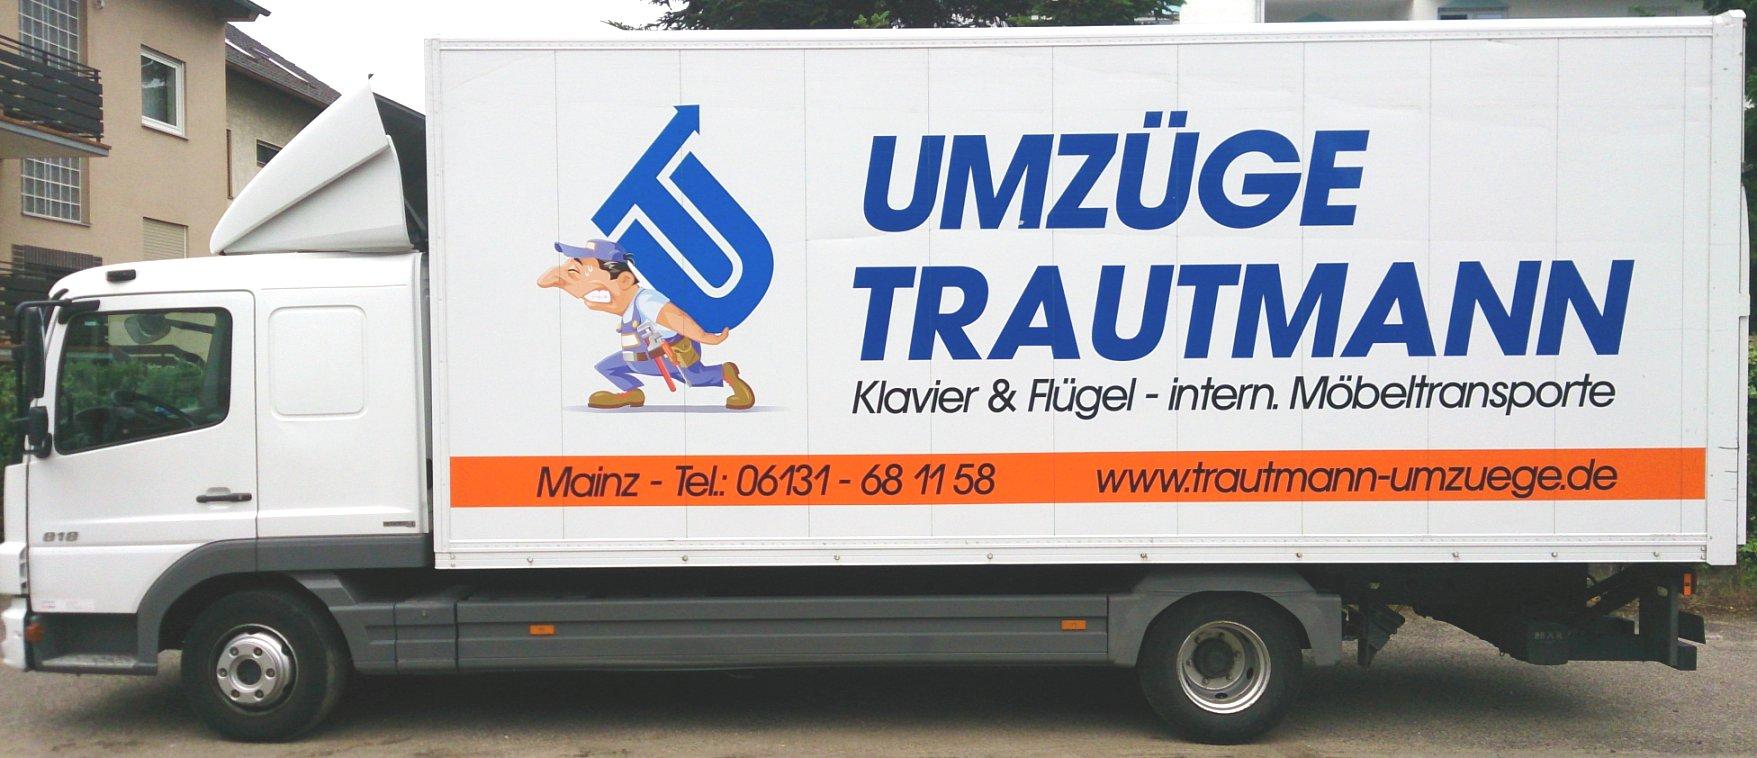 Umzugsunternehmen Wiesbaden willkommen möbelspedition christian trautmannmöbelspedition